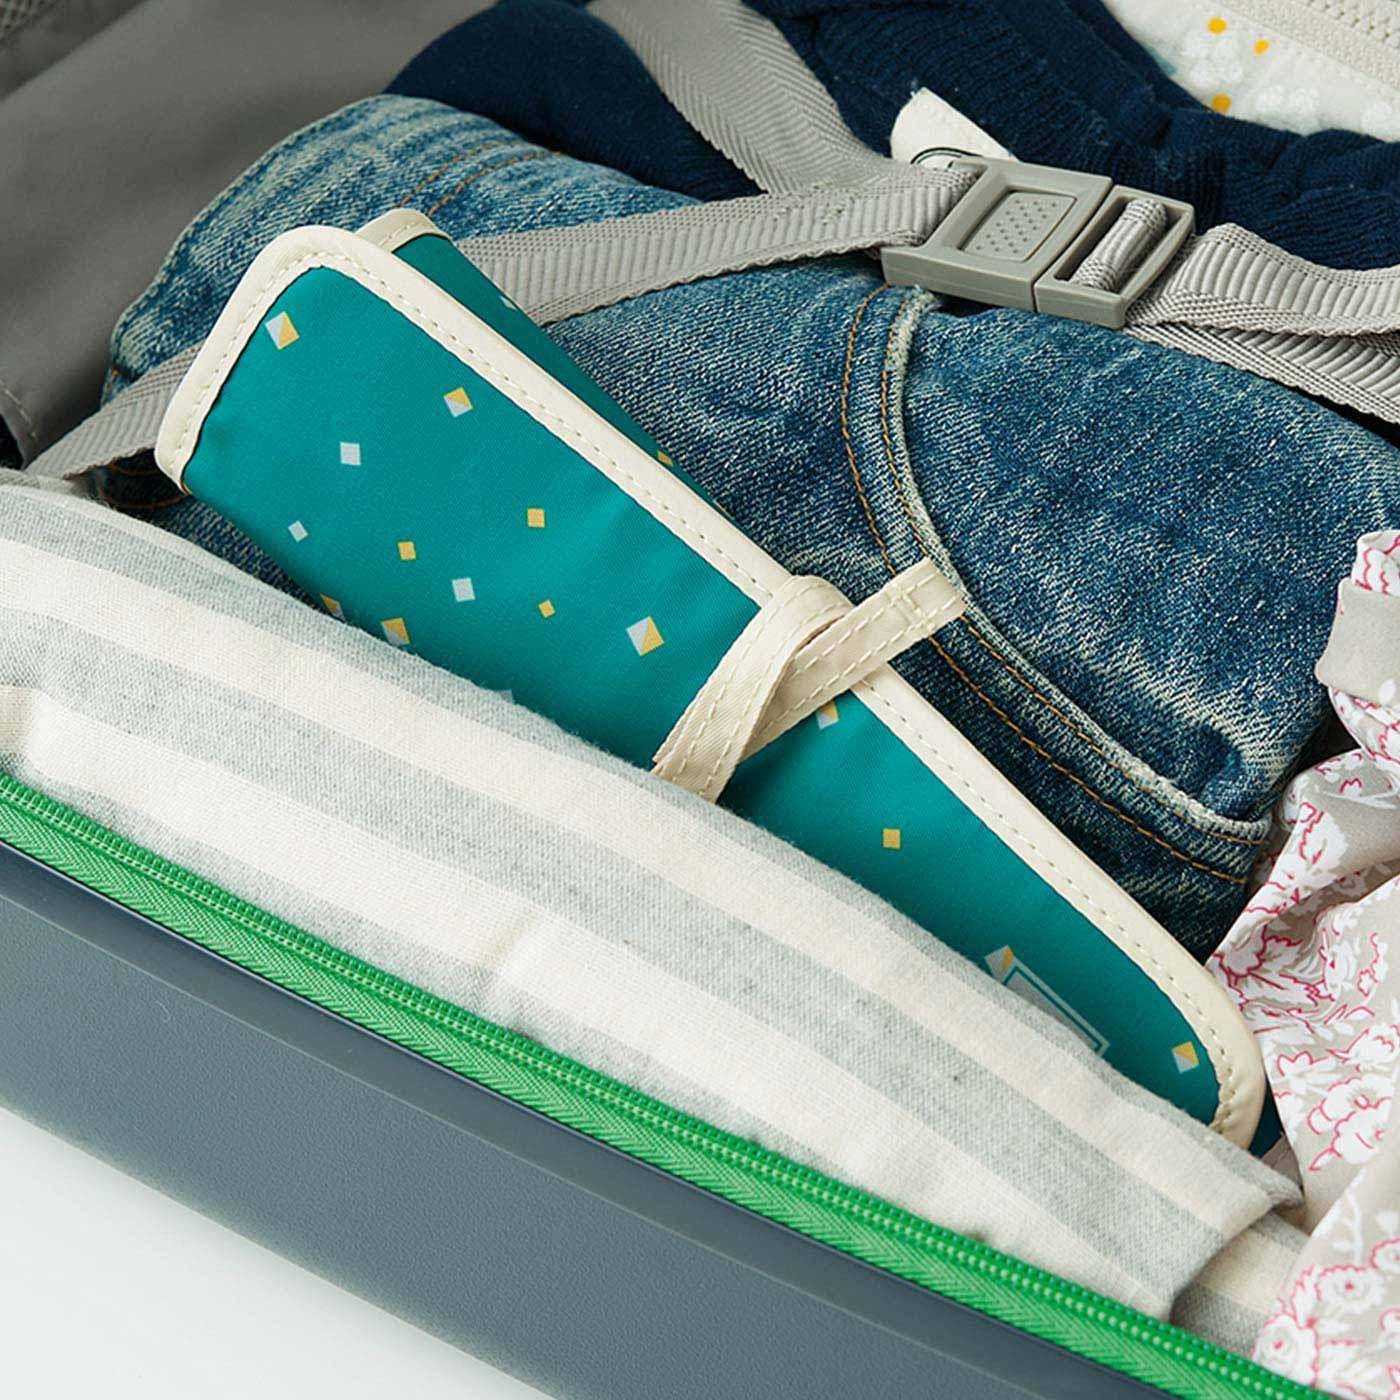 くるっとまとめてコンパクトに。旅行かばんやスーツケースのすき間にポン。